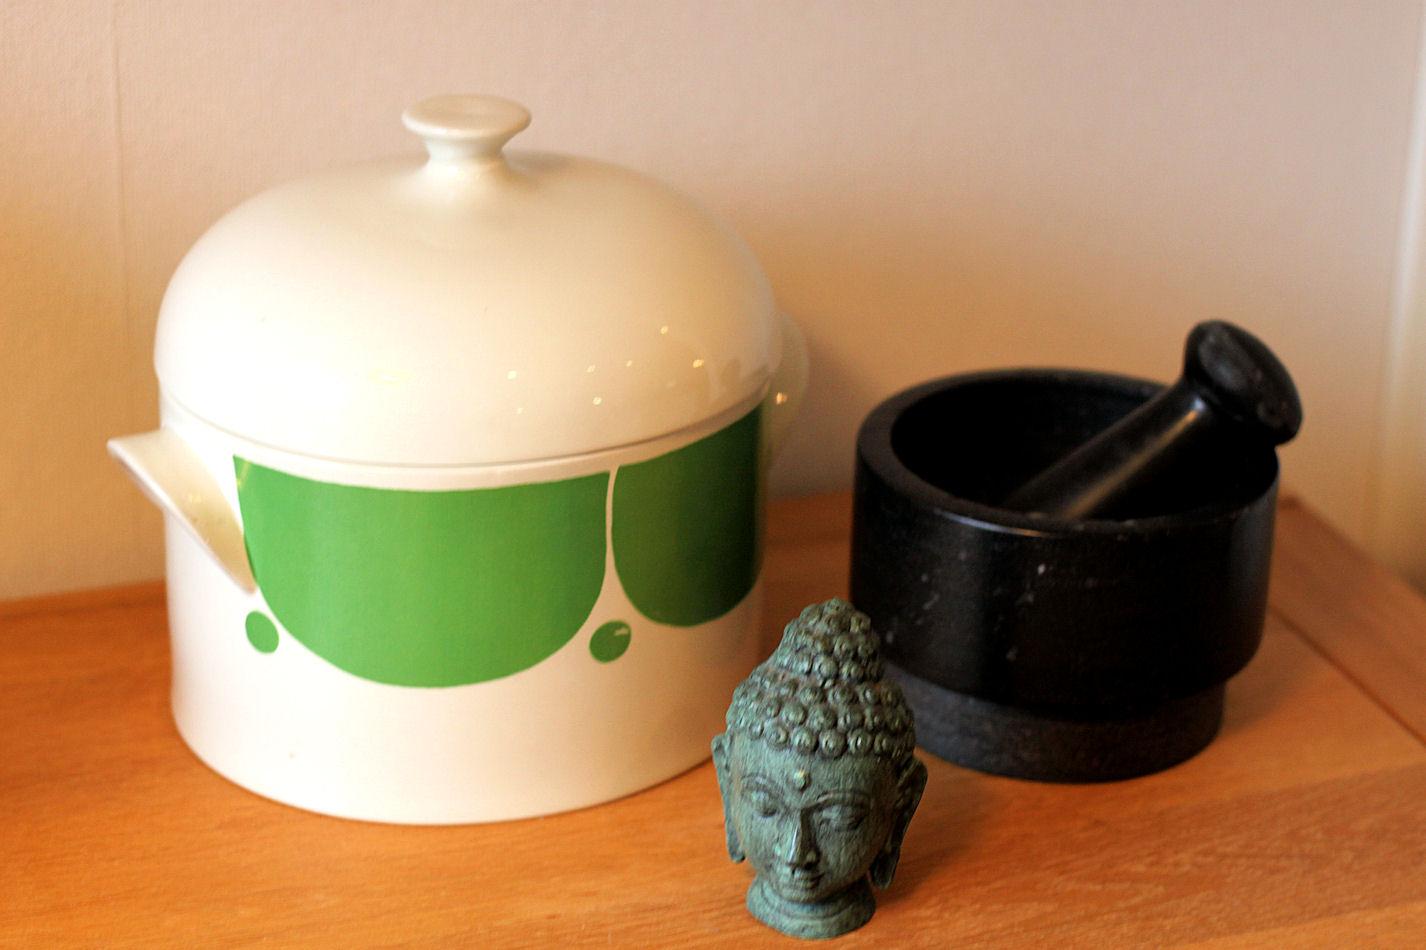 Kodissani ei ole yhtä tiettyä tyyliä, vaan esillä on rakkaita esineitä. Vihreävalkoinen pata on äitini peruja, ja Buddha on saatu tädiltäni häälahjaksi.